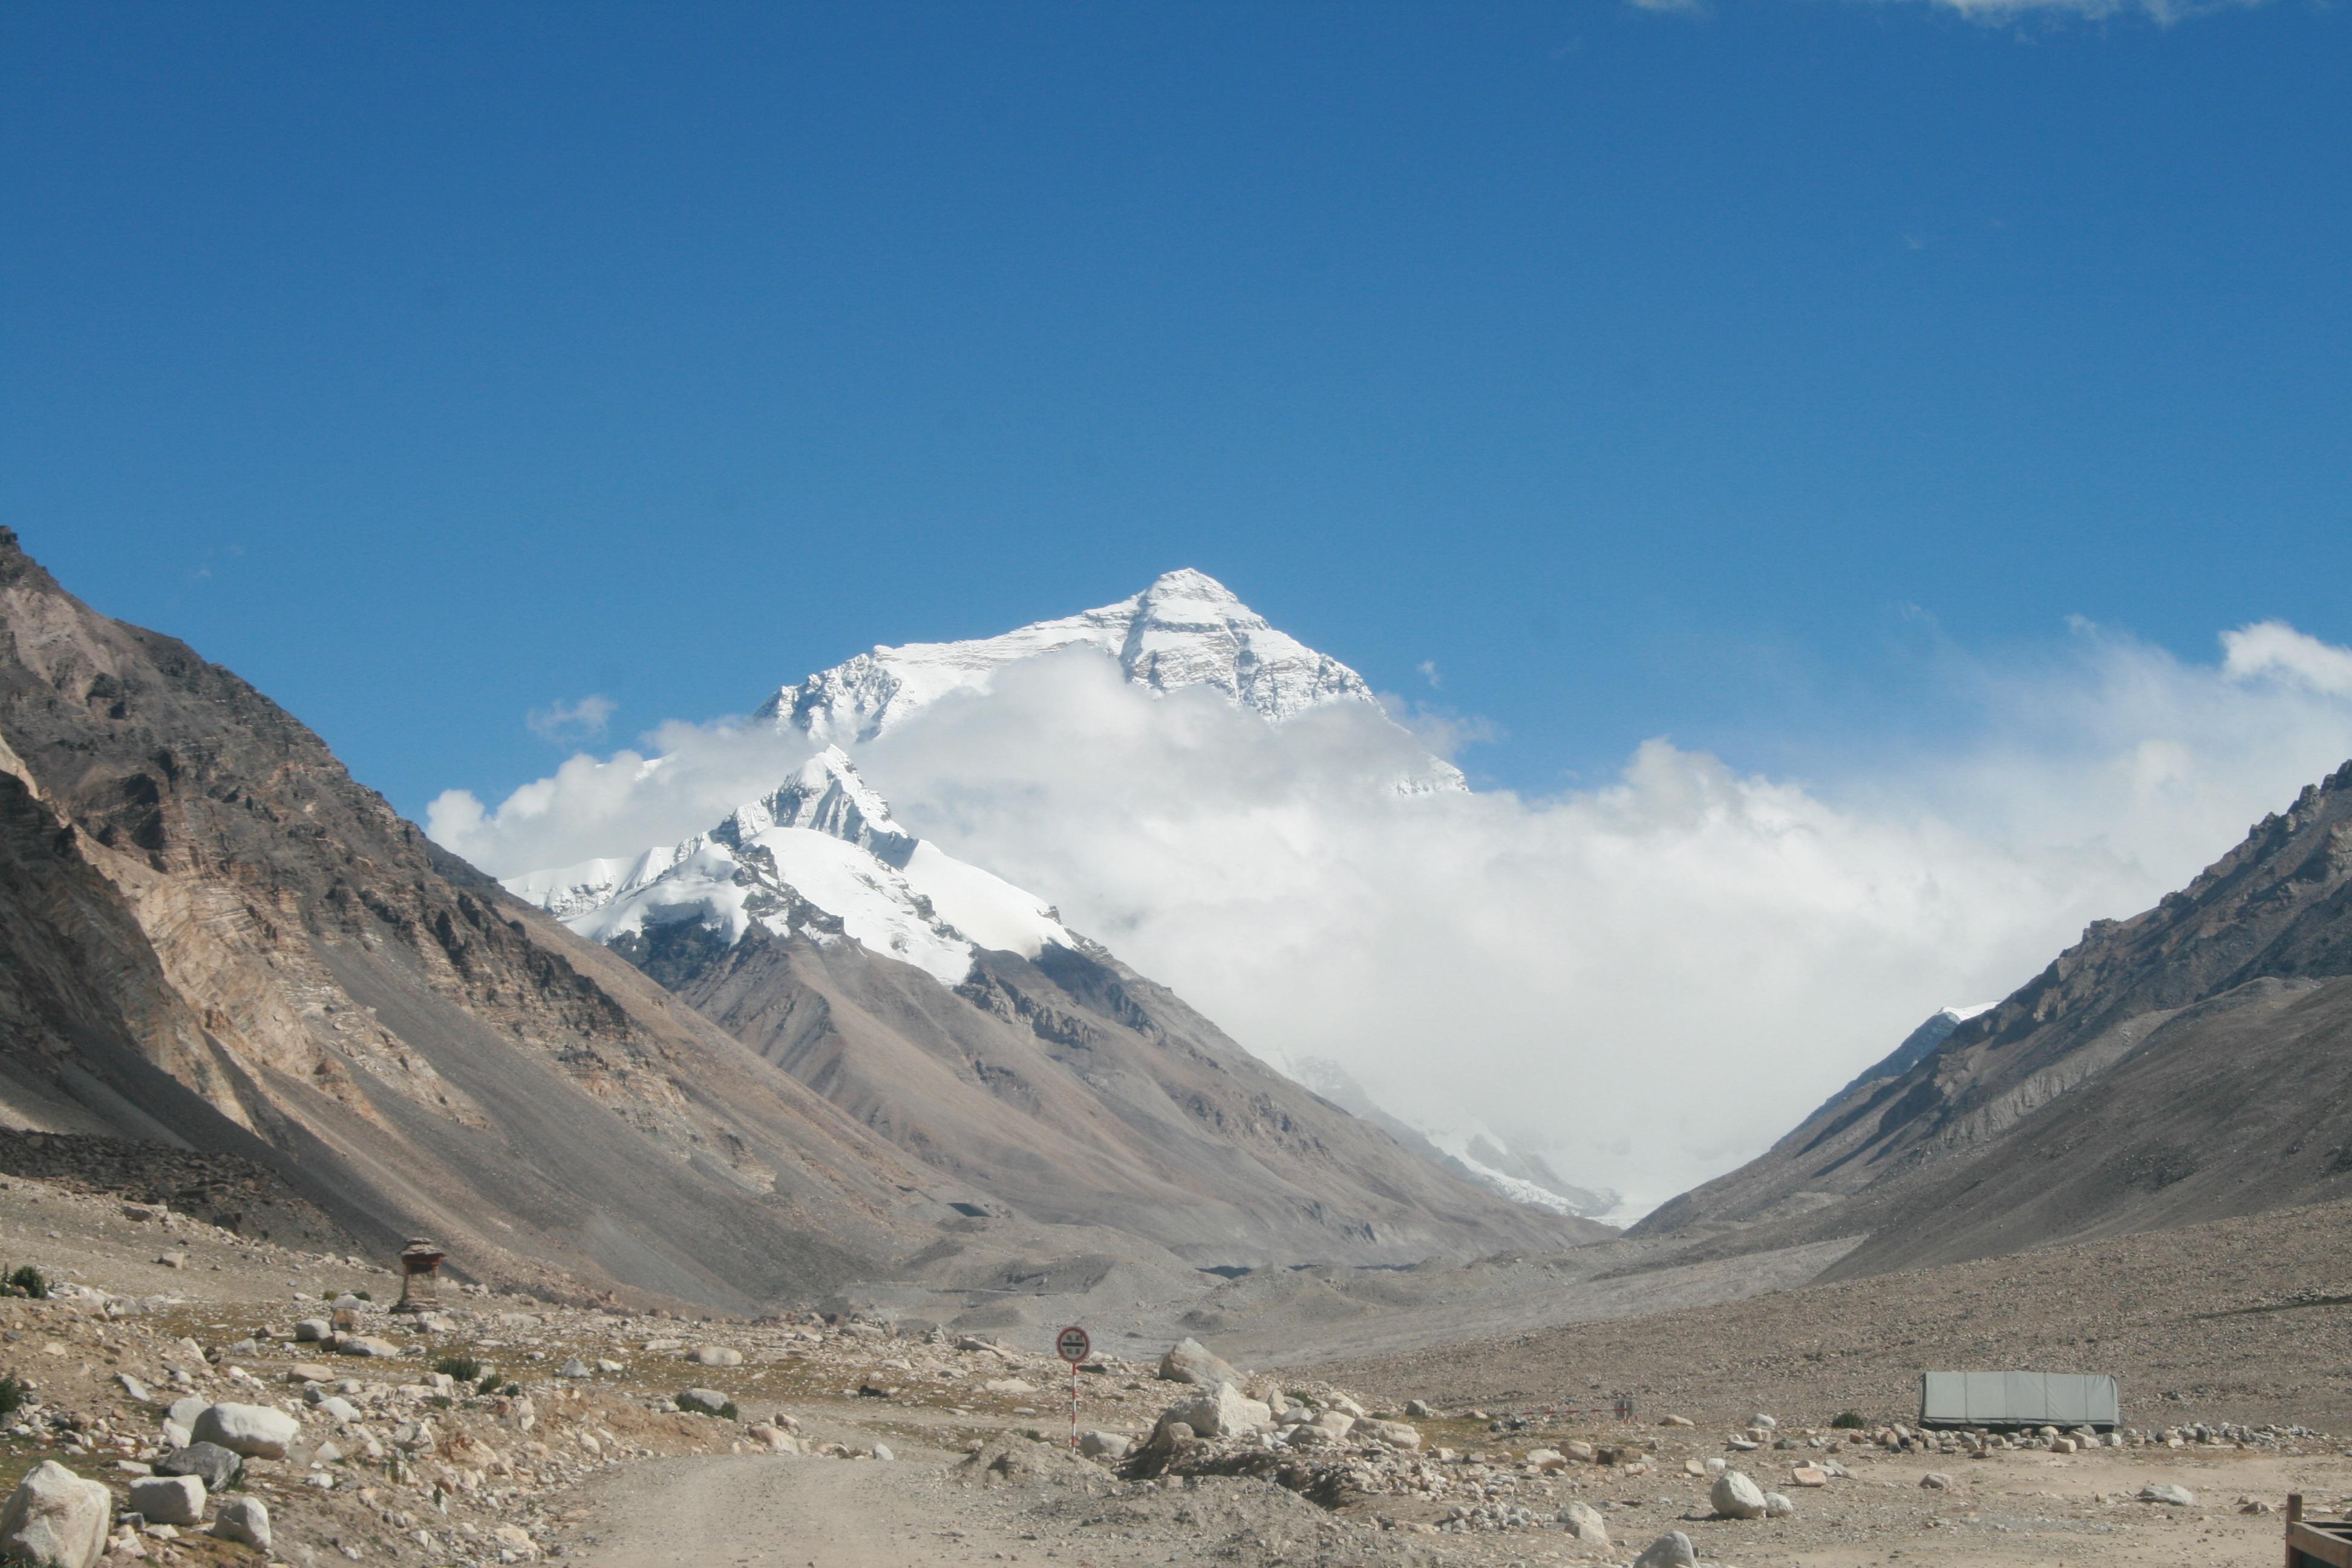 Gambar Pemandangan Gurun Berjalan Salju Petualangan Lembah